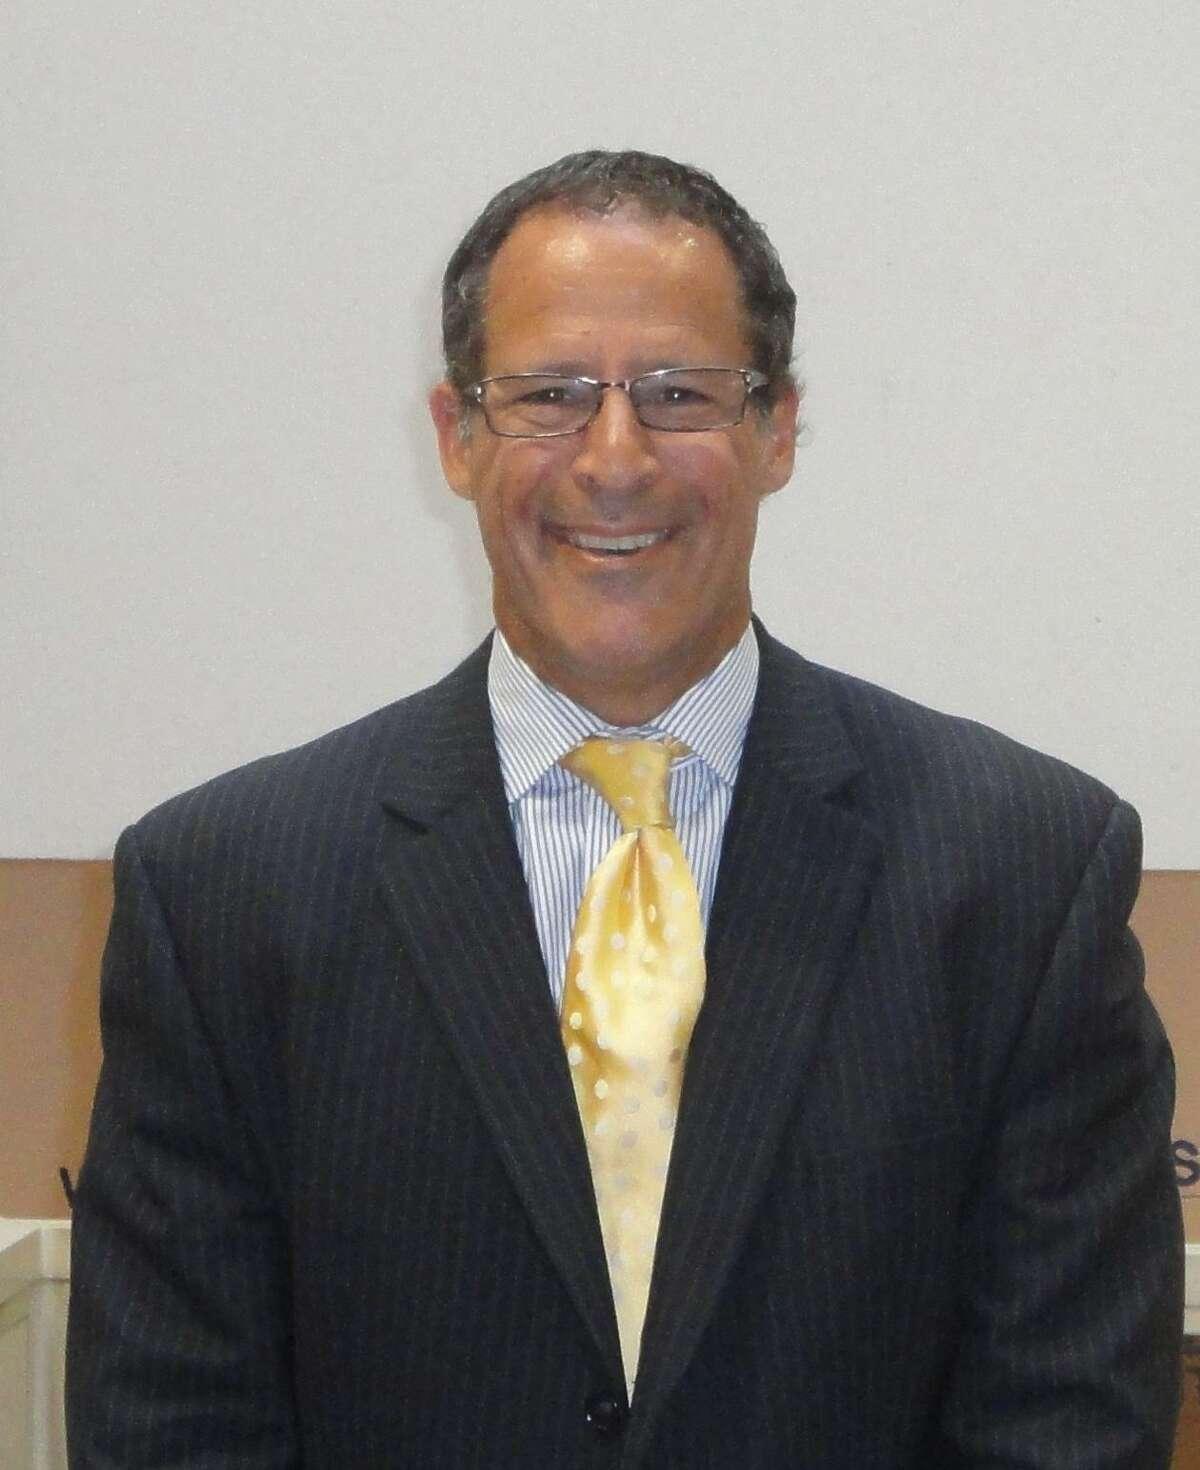 Alan J. Strauss